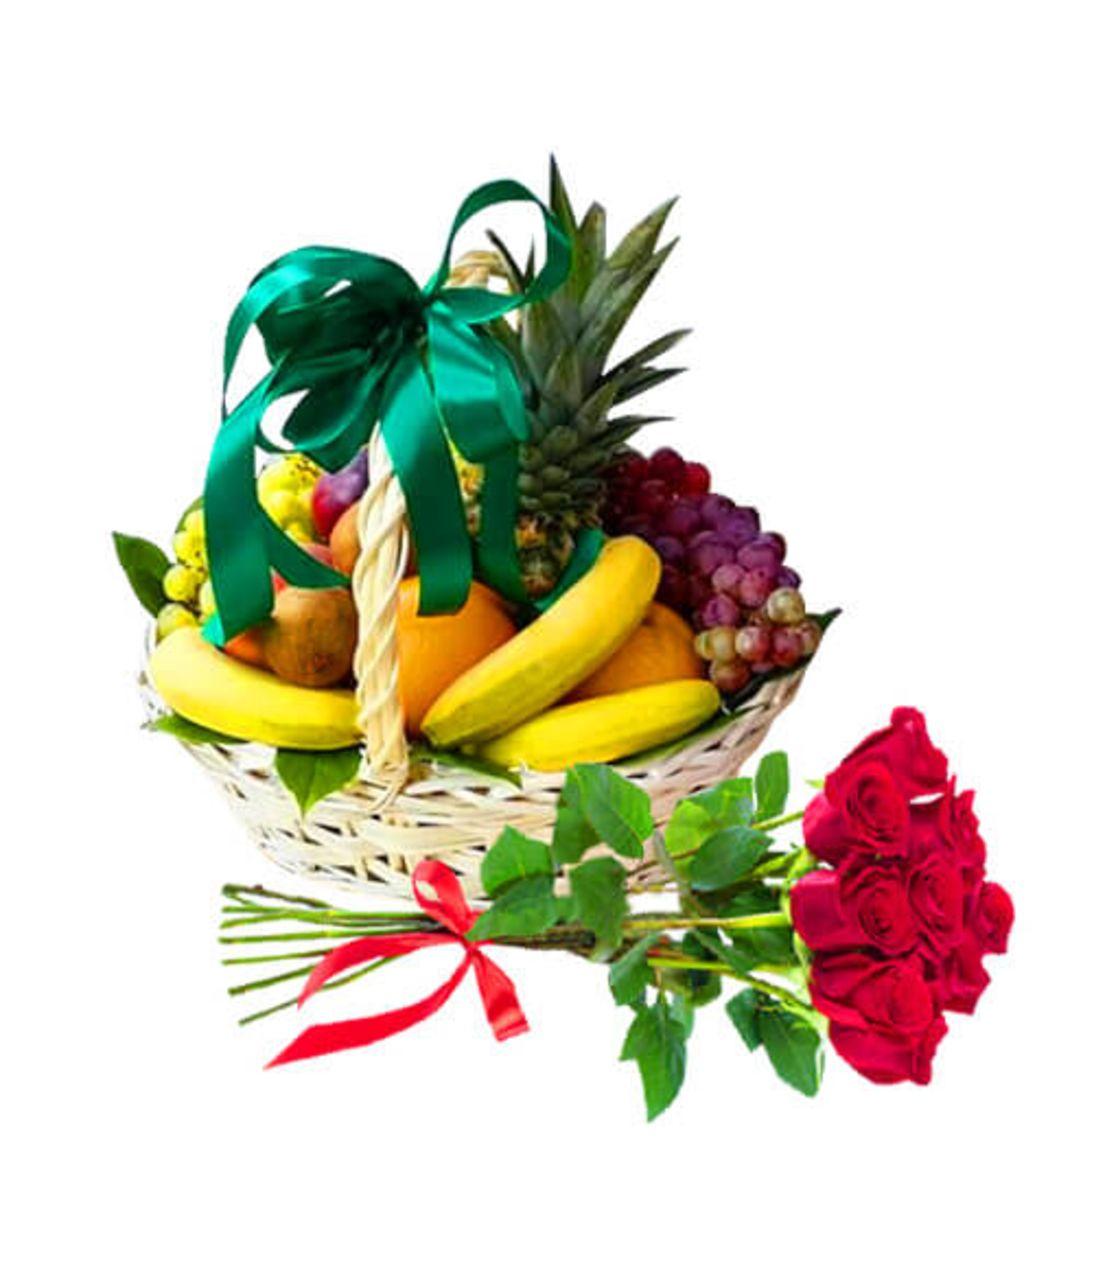 """Фруктово цветочная корзина """"Фруктовый взрыв"""". Superflowers.com.ua"""